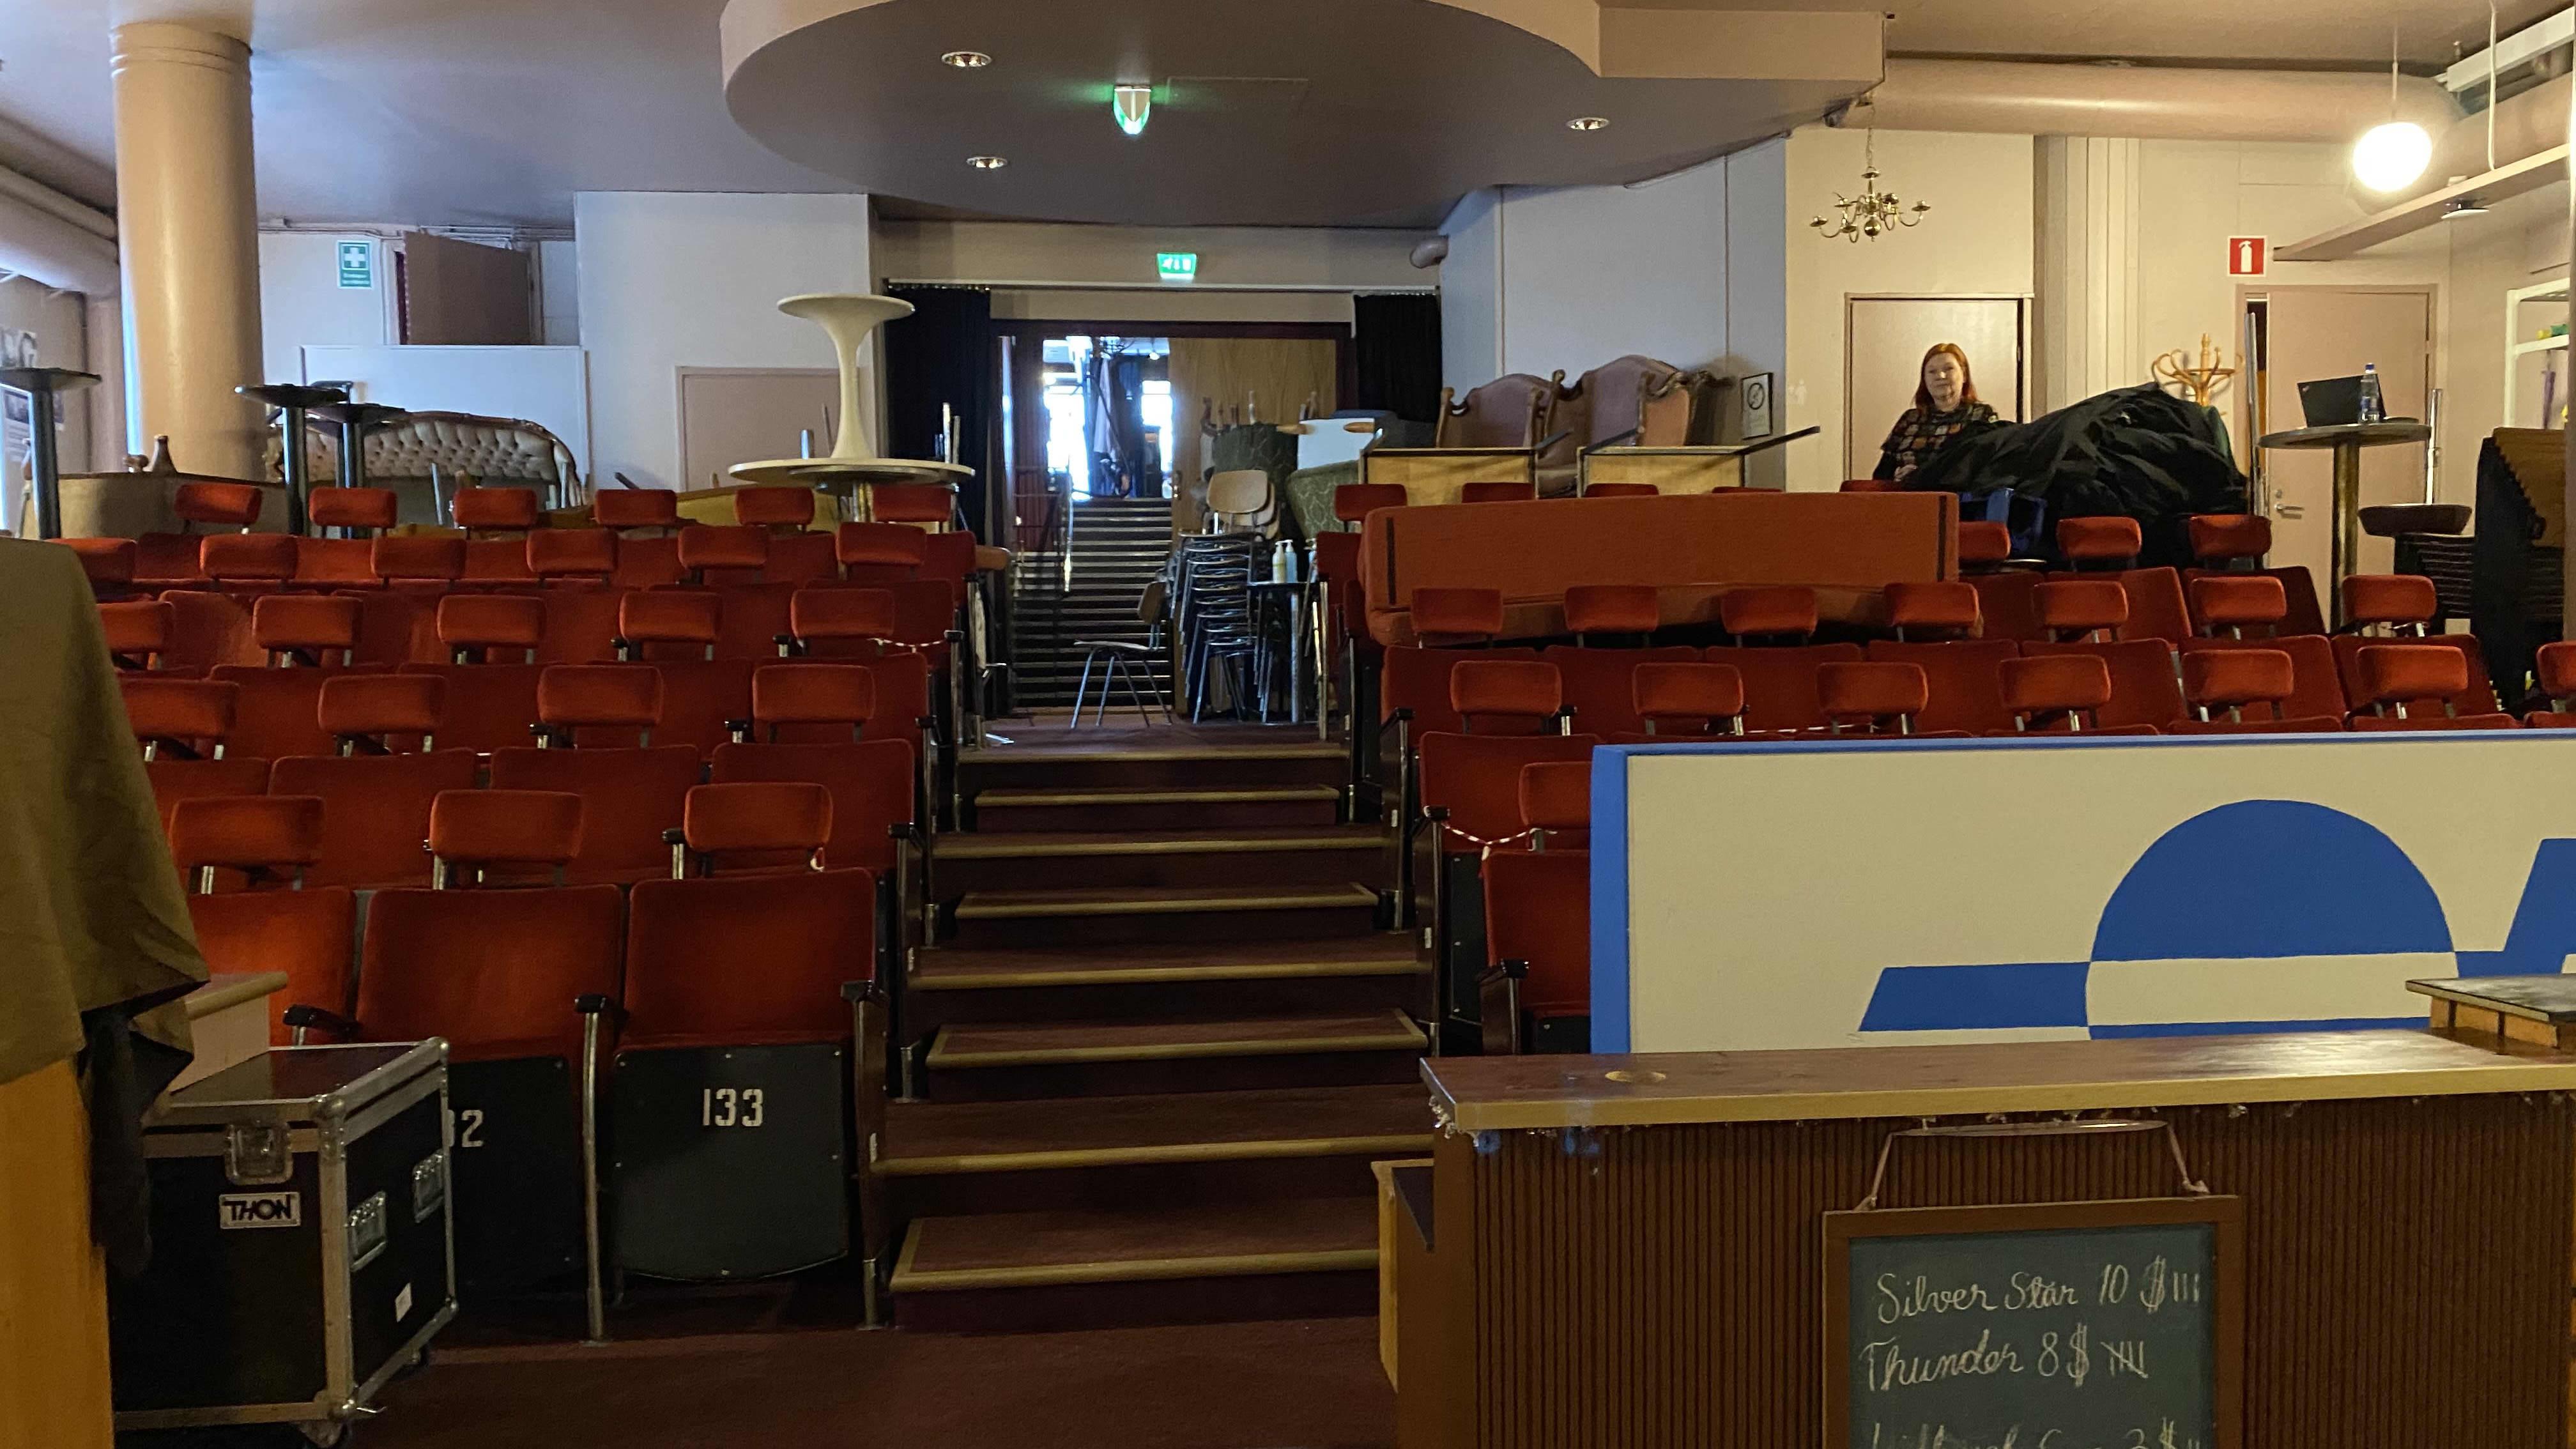 Savonlinnan kulttuurikellarin katsomo. Kuva on otettu ennen remonttia.